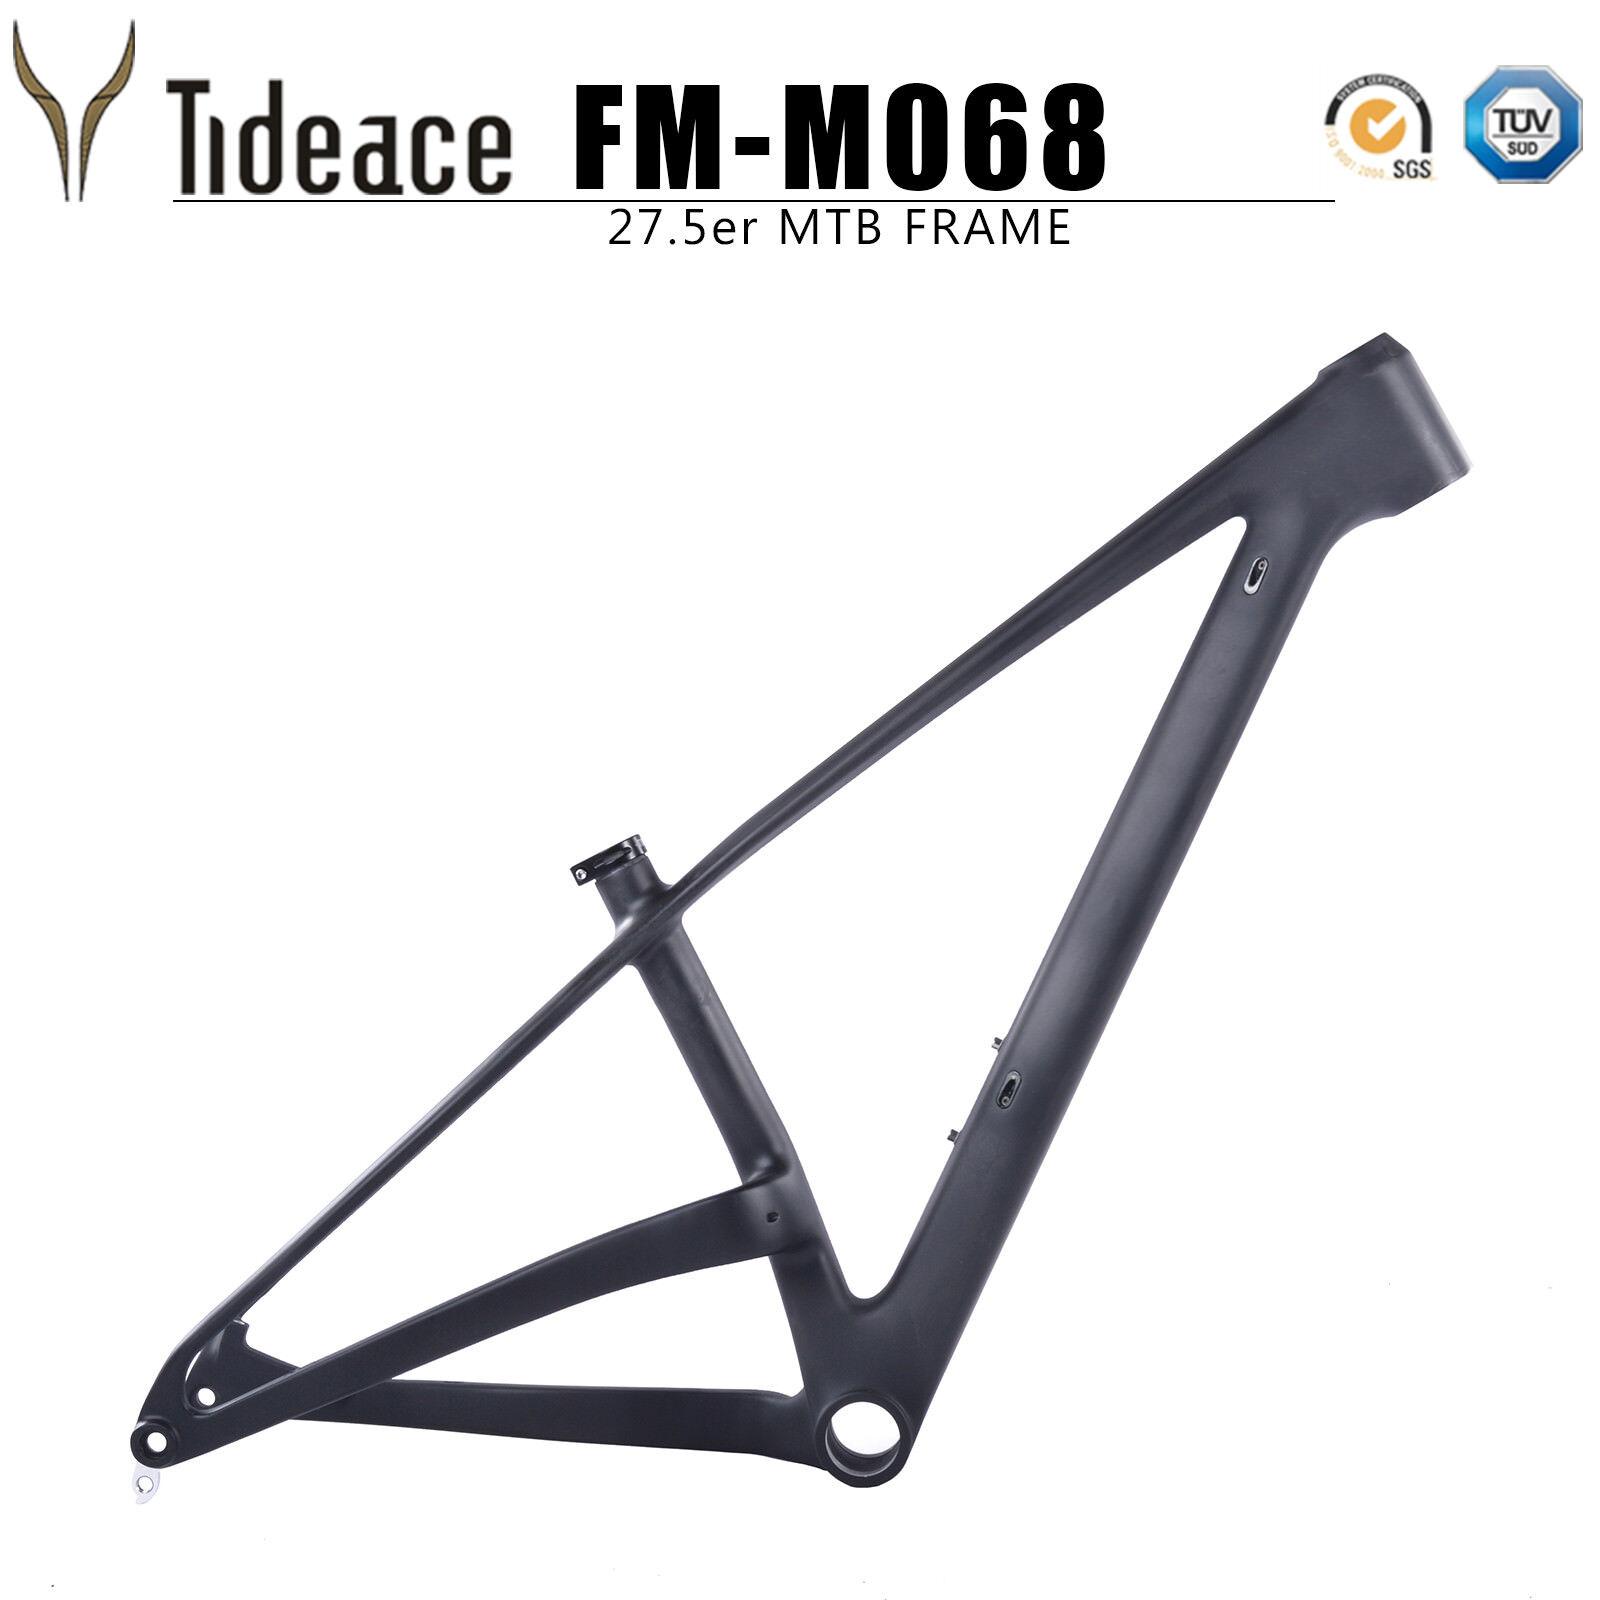 12148mm 27.5er Fibra de Cochebono Bicicleta De Montaña Plus T800 Marcos PF30 31.6mm tija de sillín